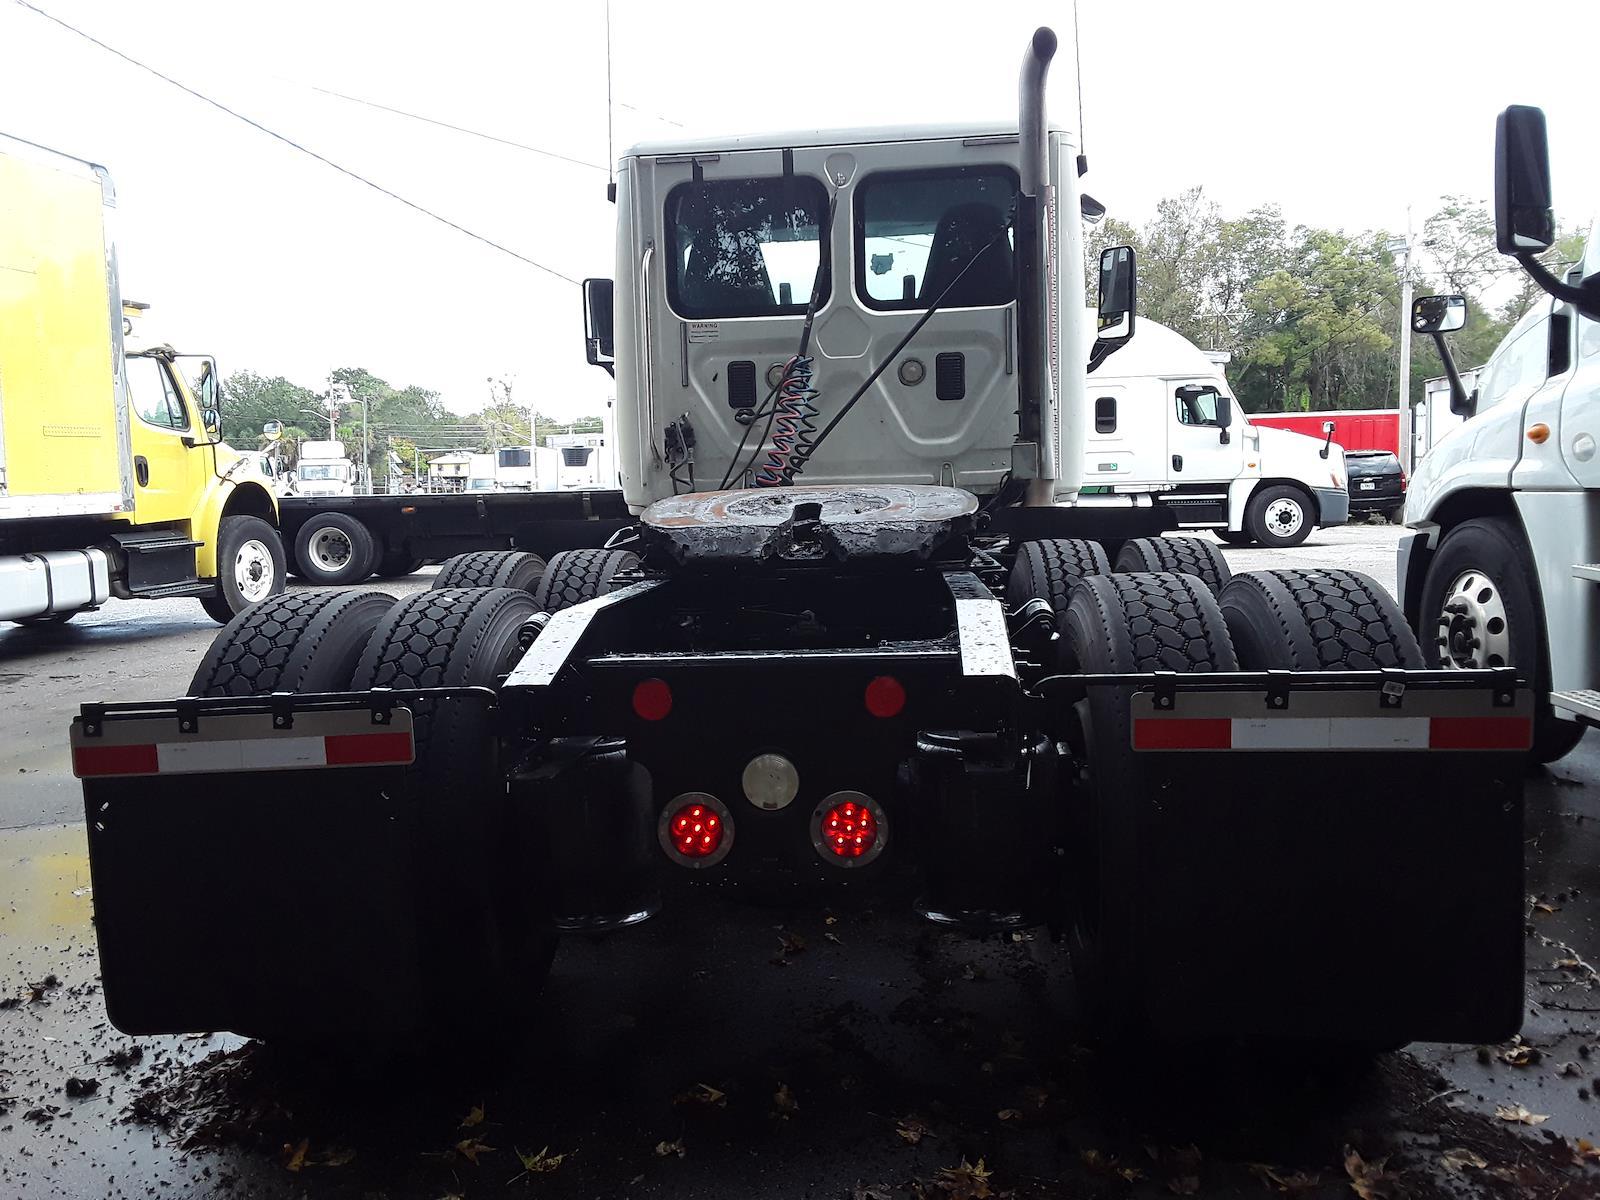 2014 Freightliner Truck 6x4, Tractor #542181 - photo 1